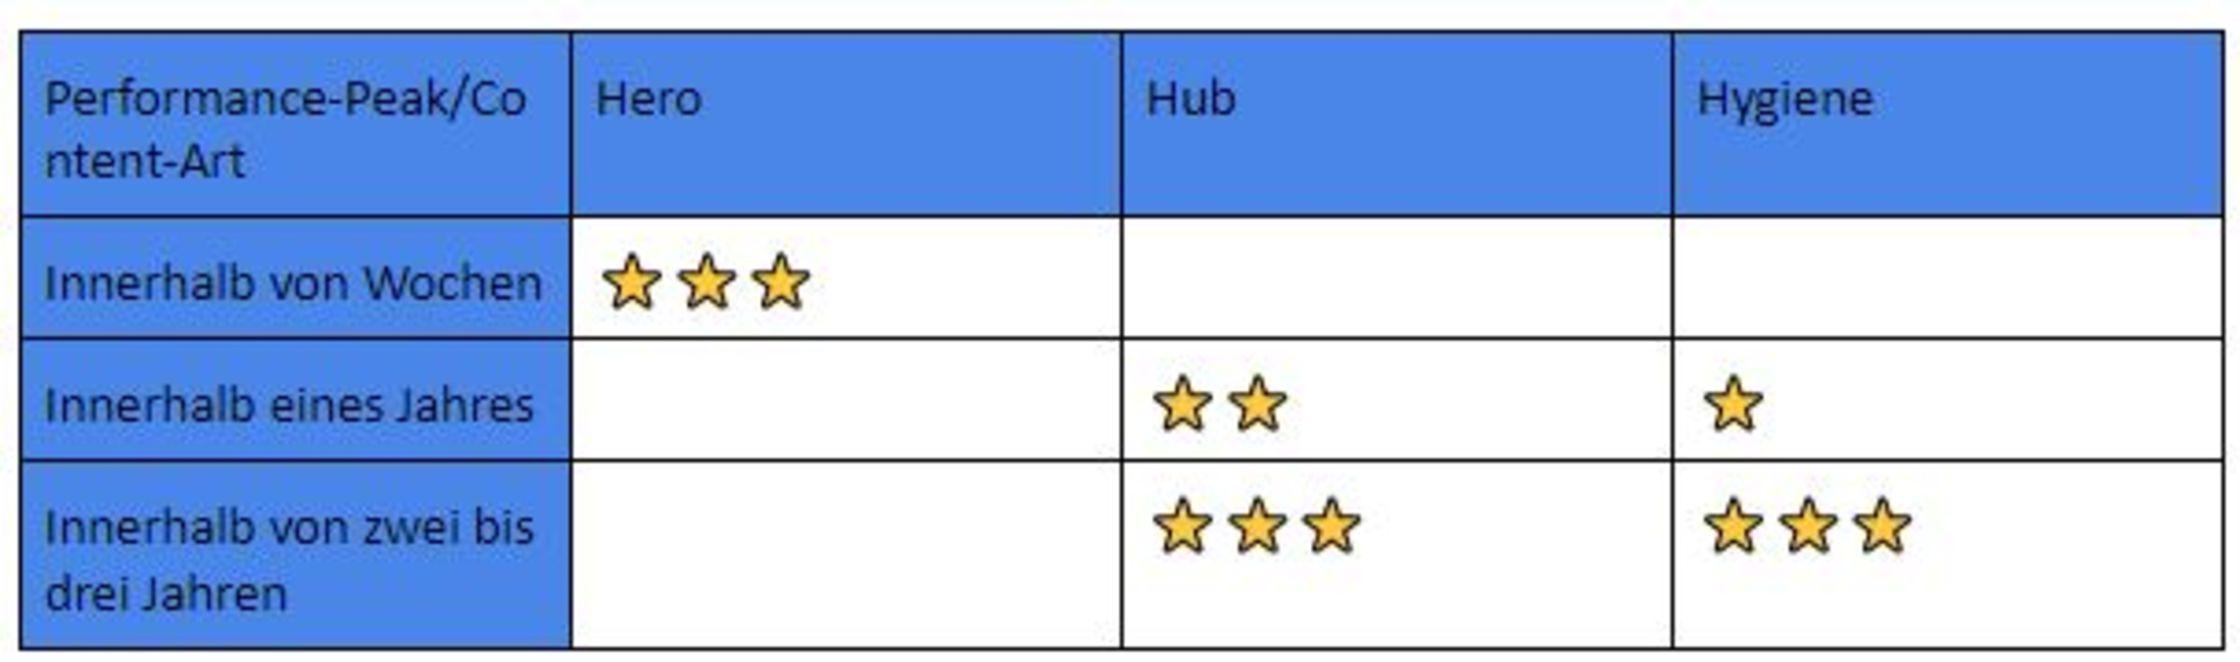 Zeithorizont, in dem die Performance von Hero-, Hub- und Hygiene-Content peakt